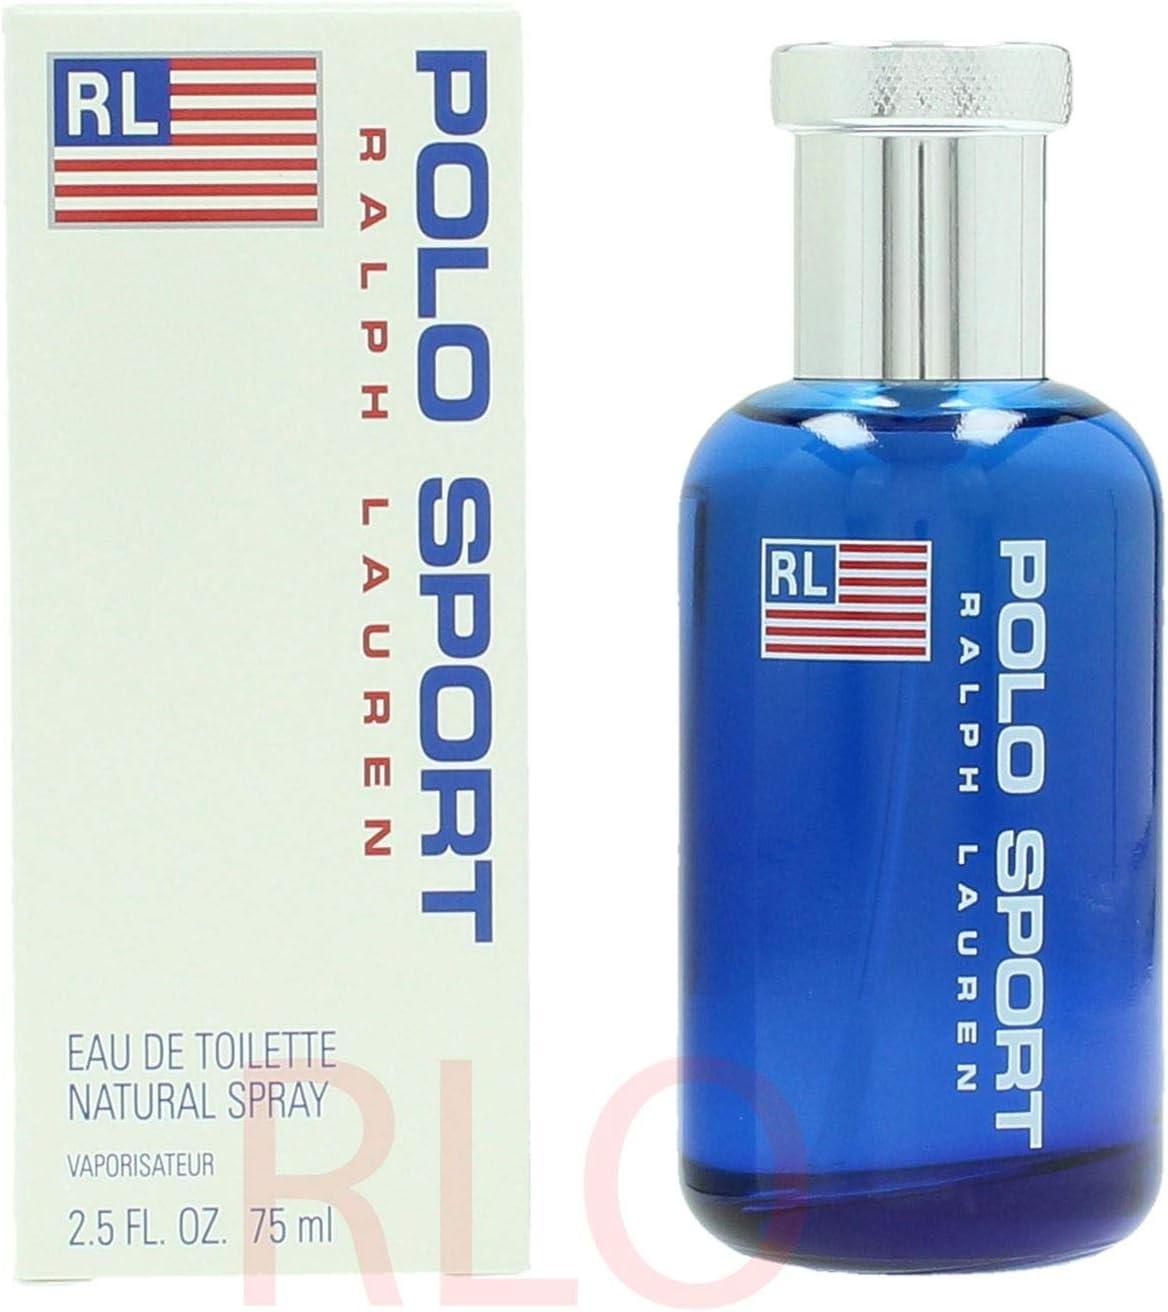 Polo Sport Homme - Eau de Toilette - 75 ml: Amazon.es: Salud y ...